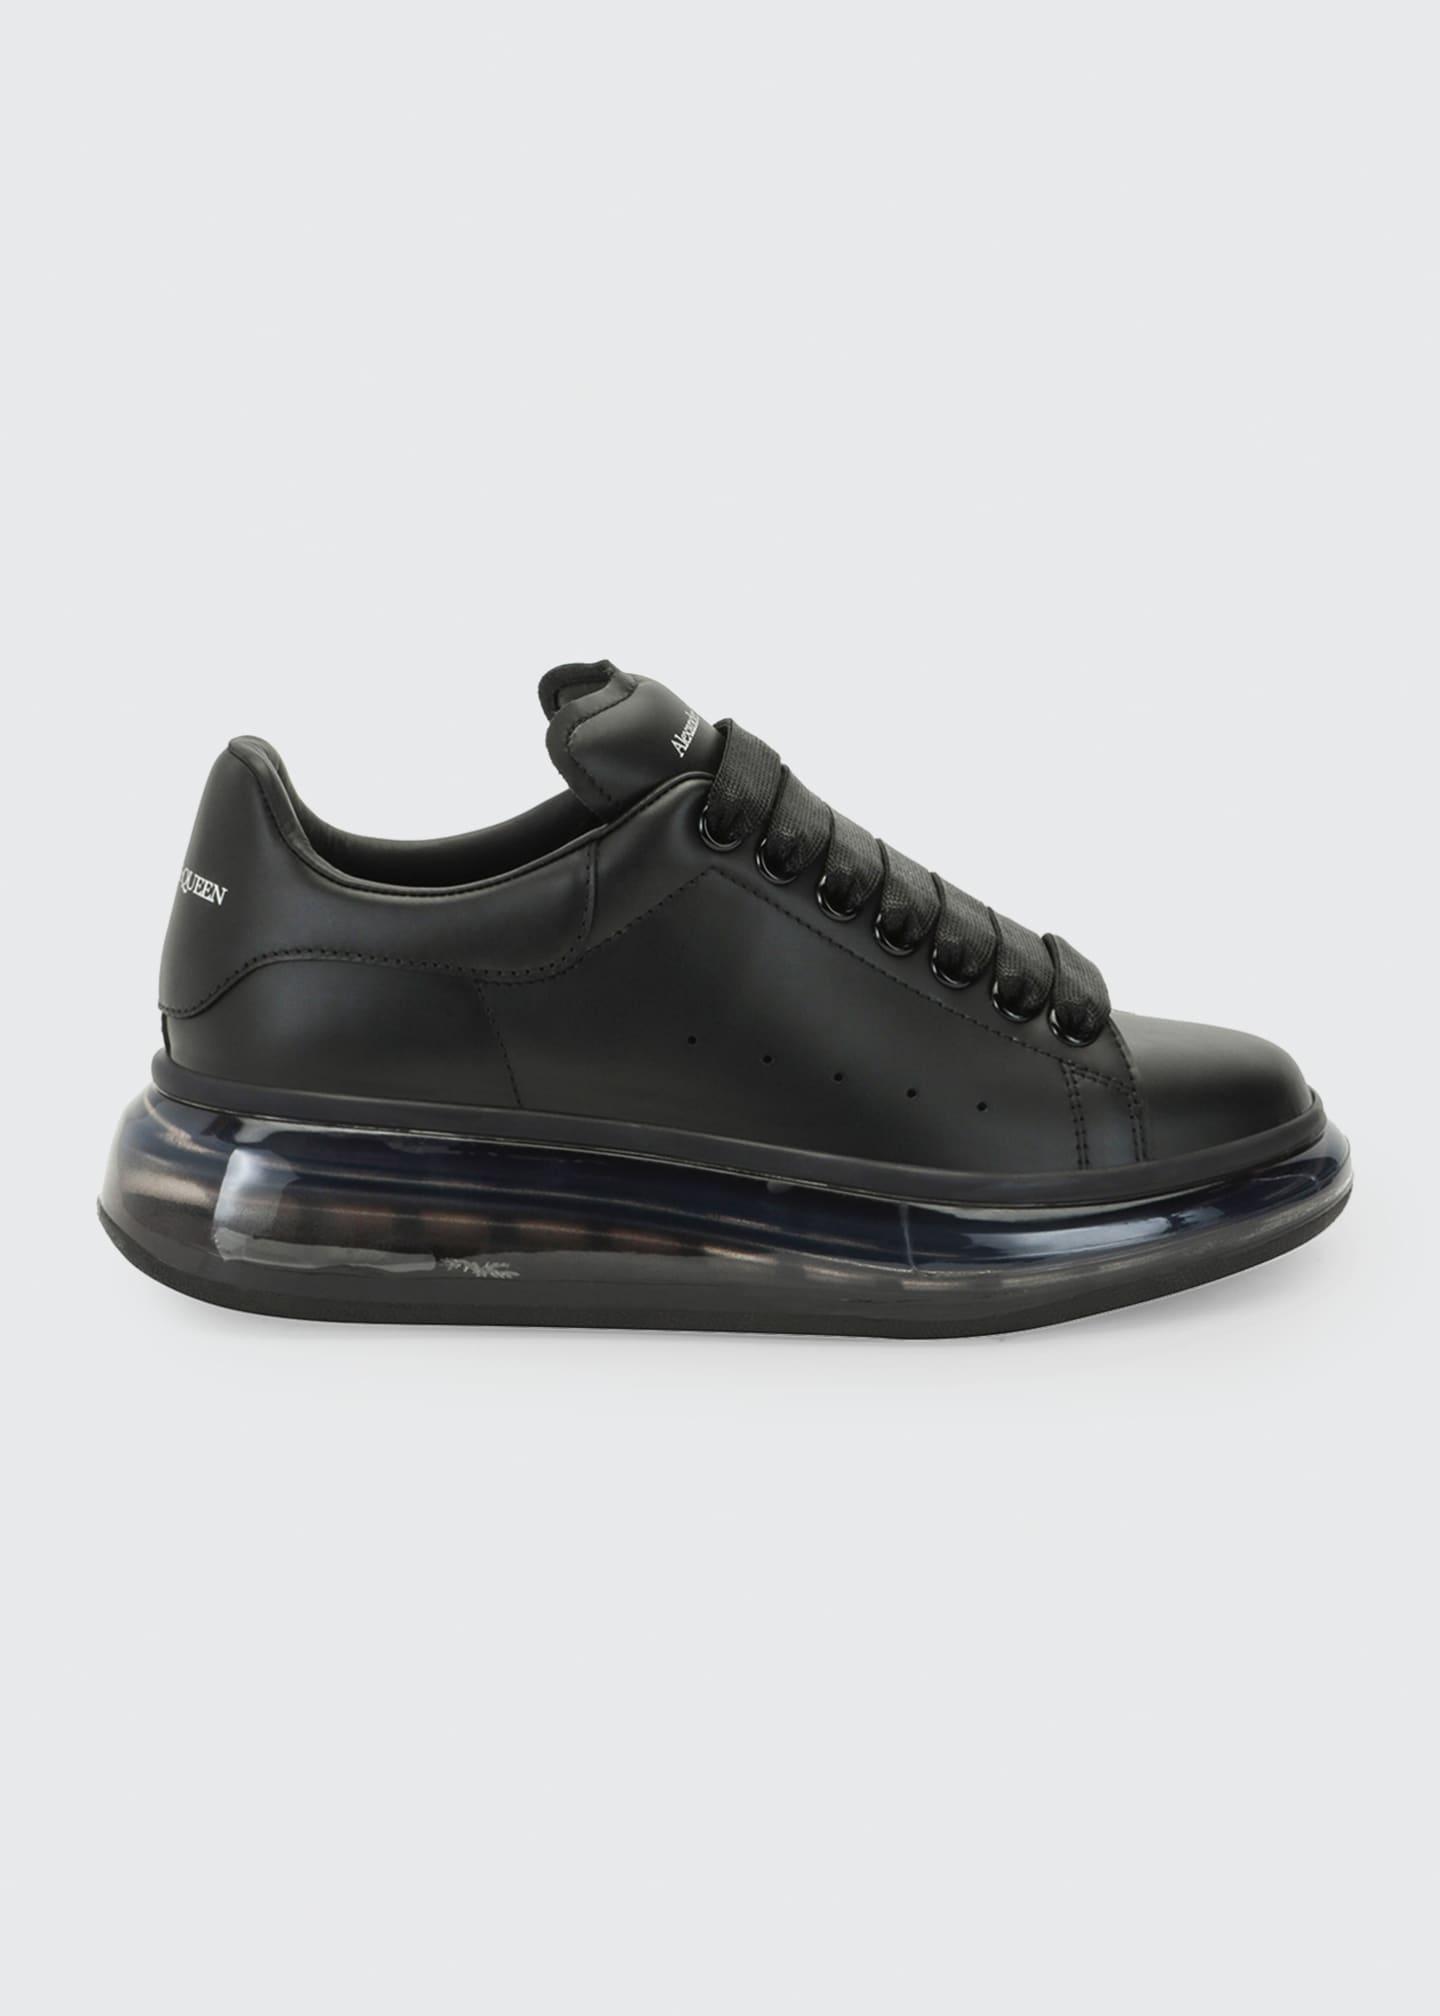 Alexander McQueen Transparent Oversized Sneakers